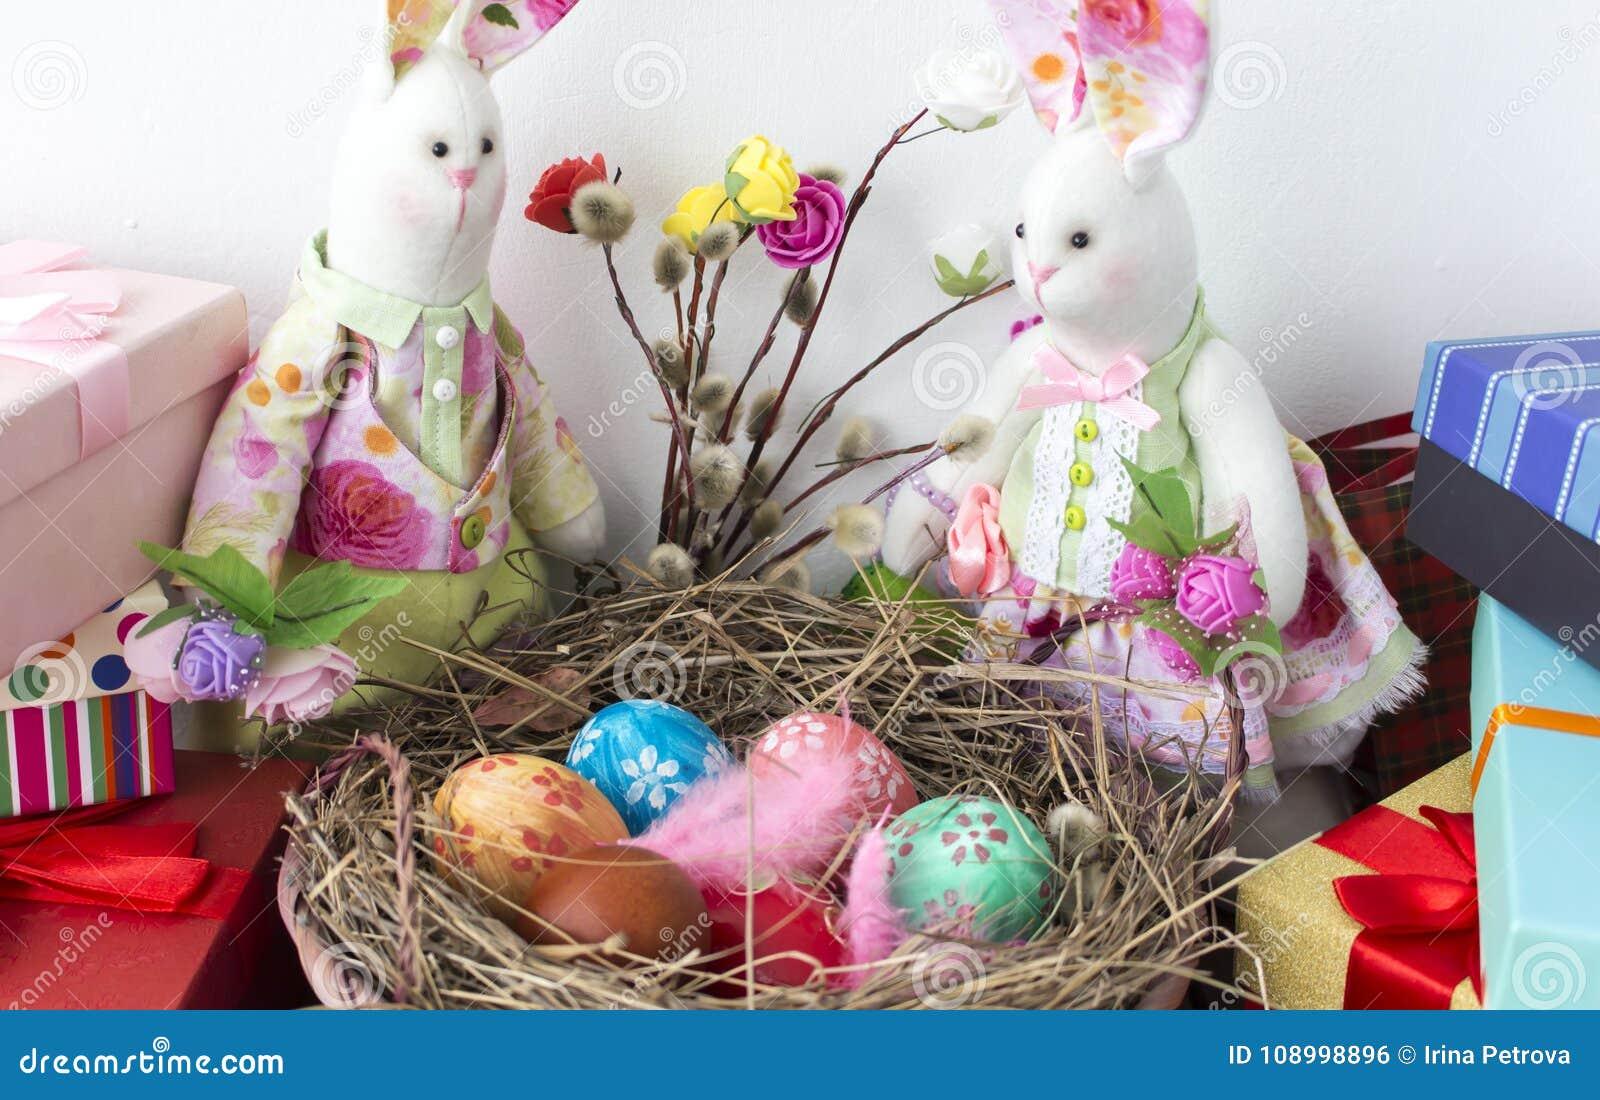 Τα κουνέλια εξετάζουν το καλάθι με τα ζωηρόχρωμα αυγά για Πάσχα